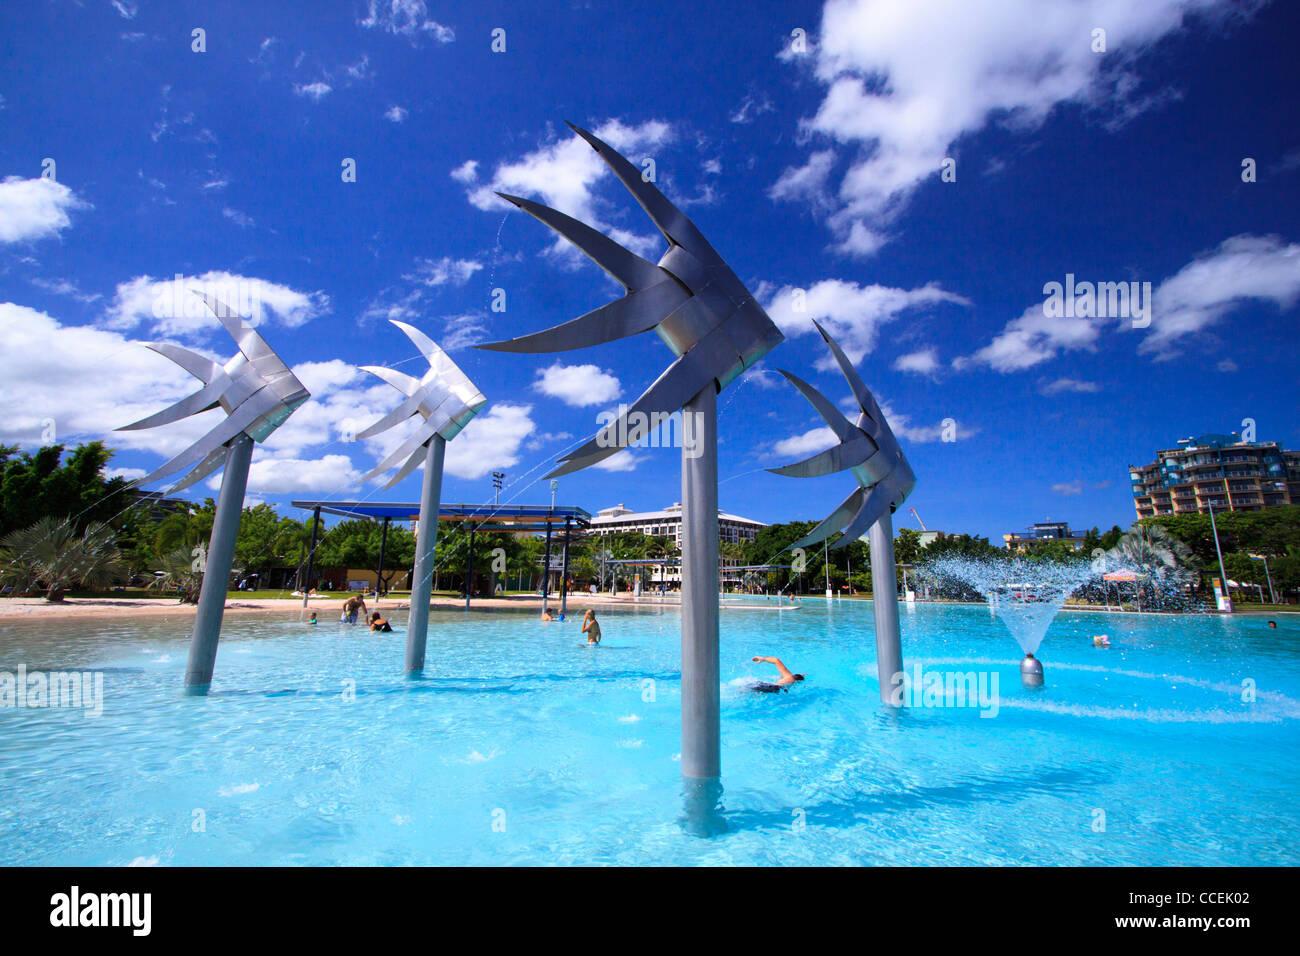 Il gigante di statue di pesce sono una ben nota caratteristica del Cairns Esplanade. Far North Queensland, Australia. Immagini Stock